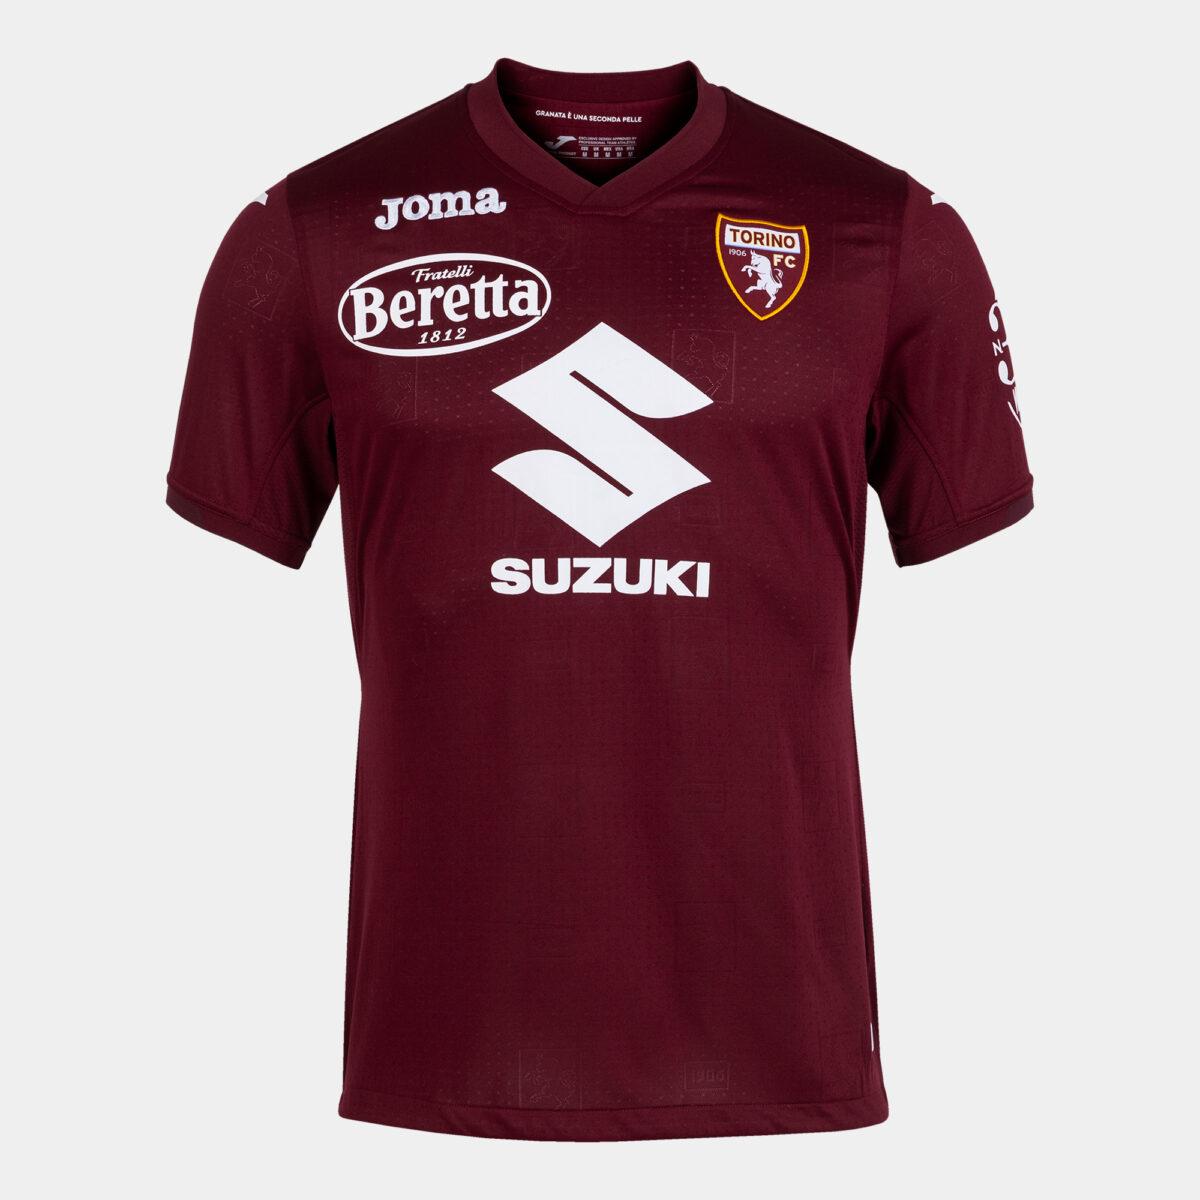 Suzuki main sponsor Torino per la stagione 2021-2022: partnership, maglia